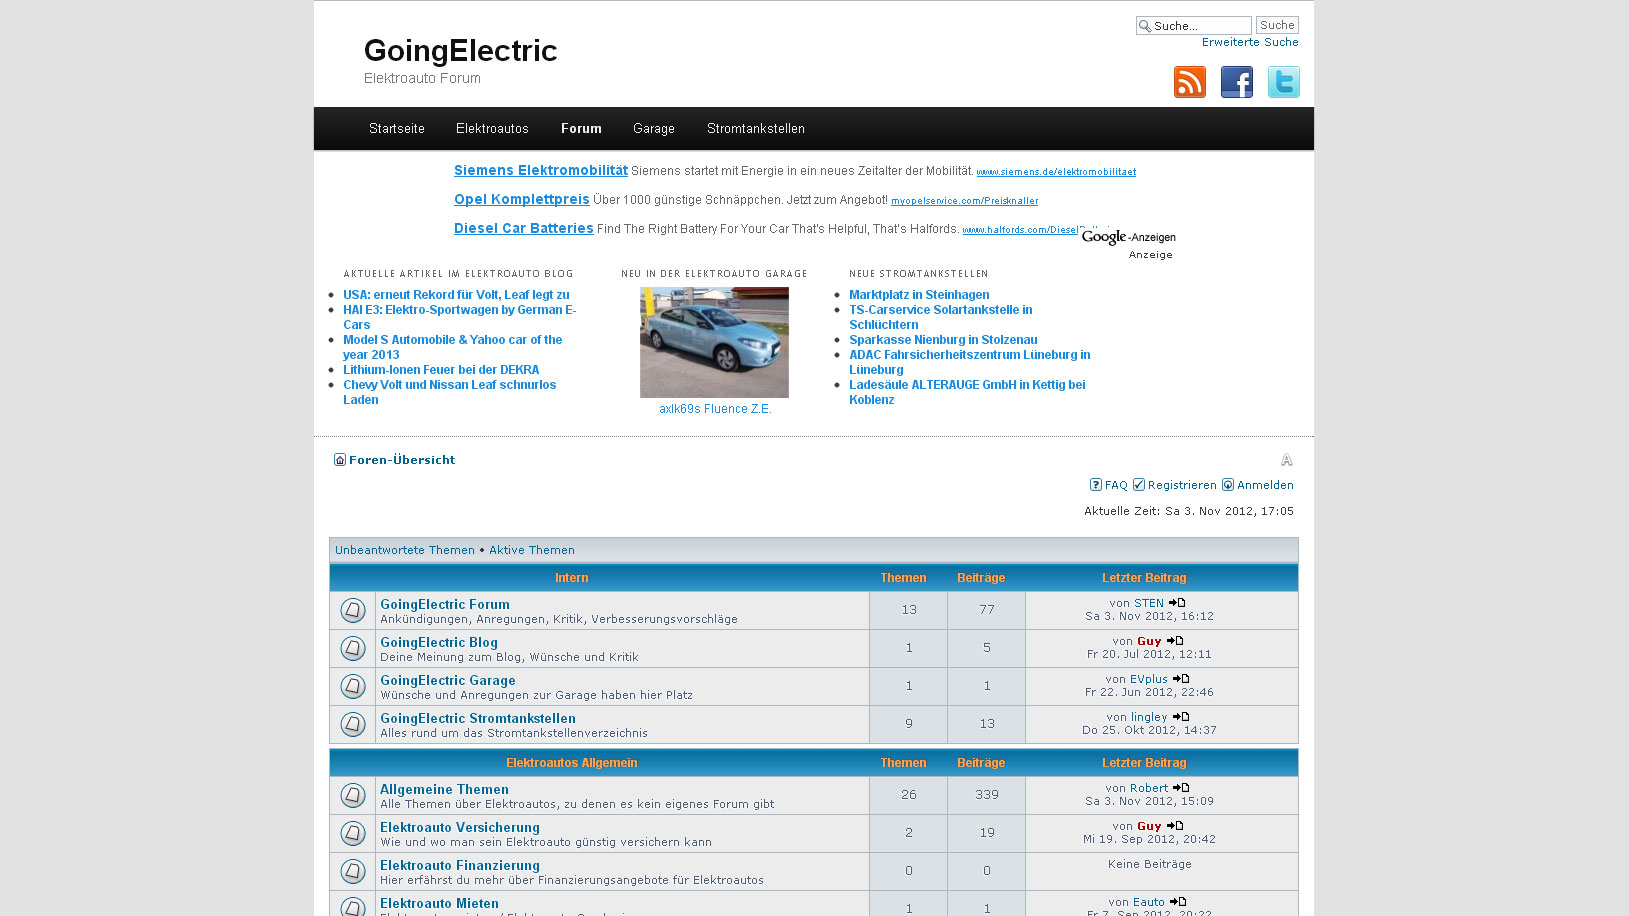 Elektroauto Forum: Die aktuelle Themen